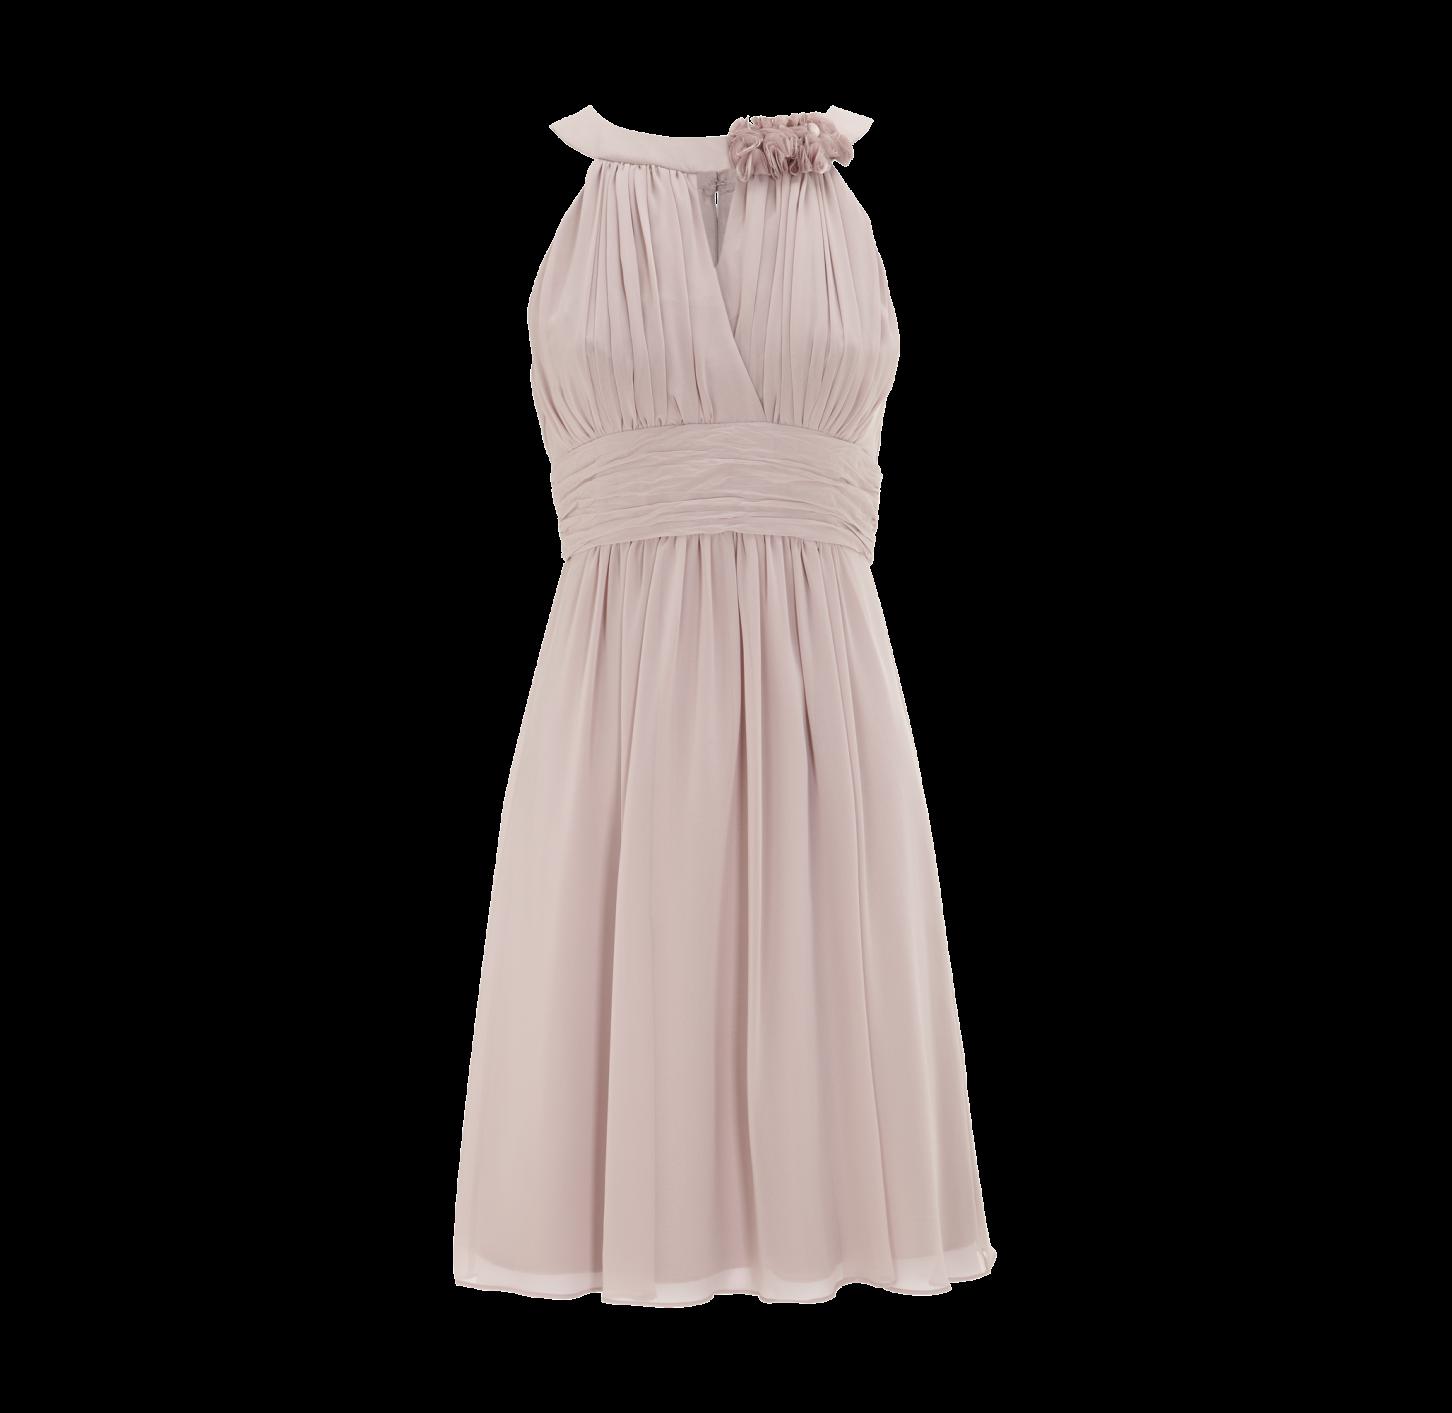 kleider von peek & cloppenburg - abendkleider & elegante